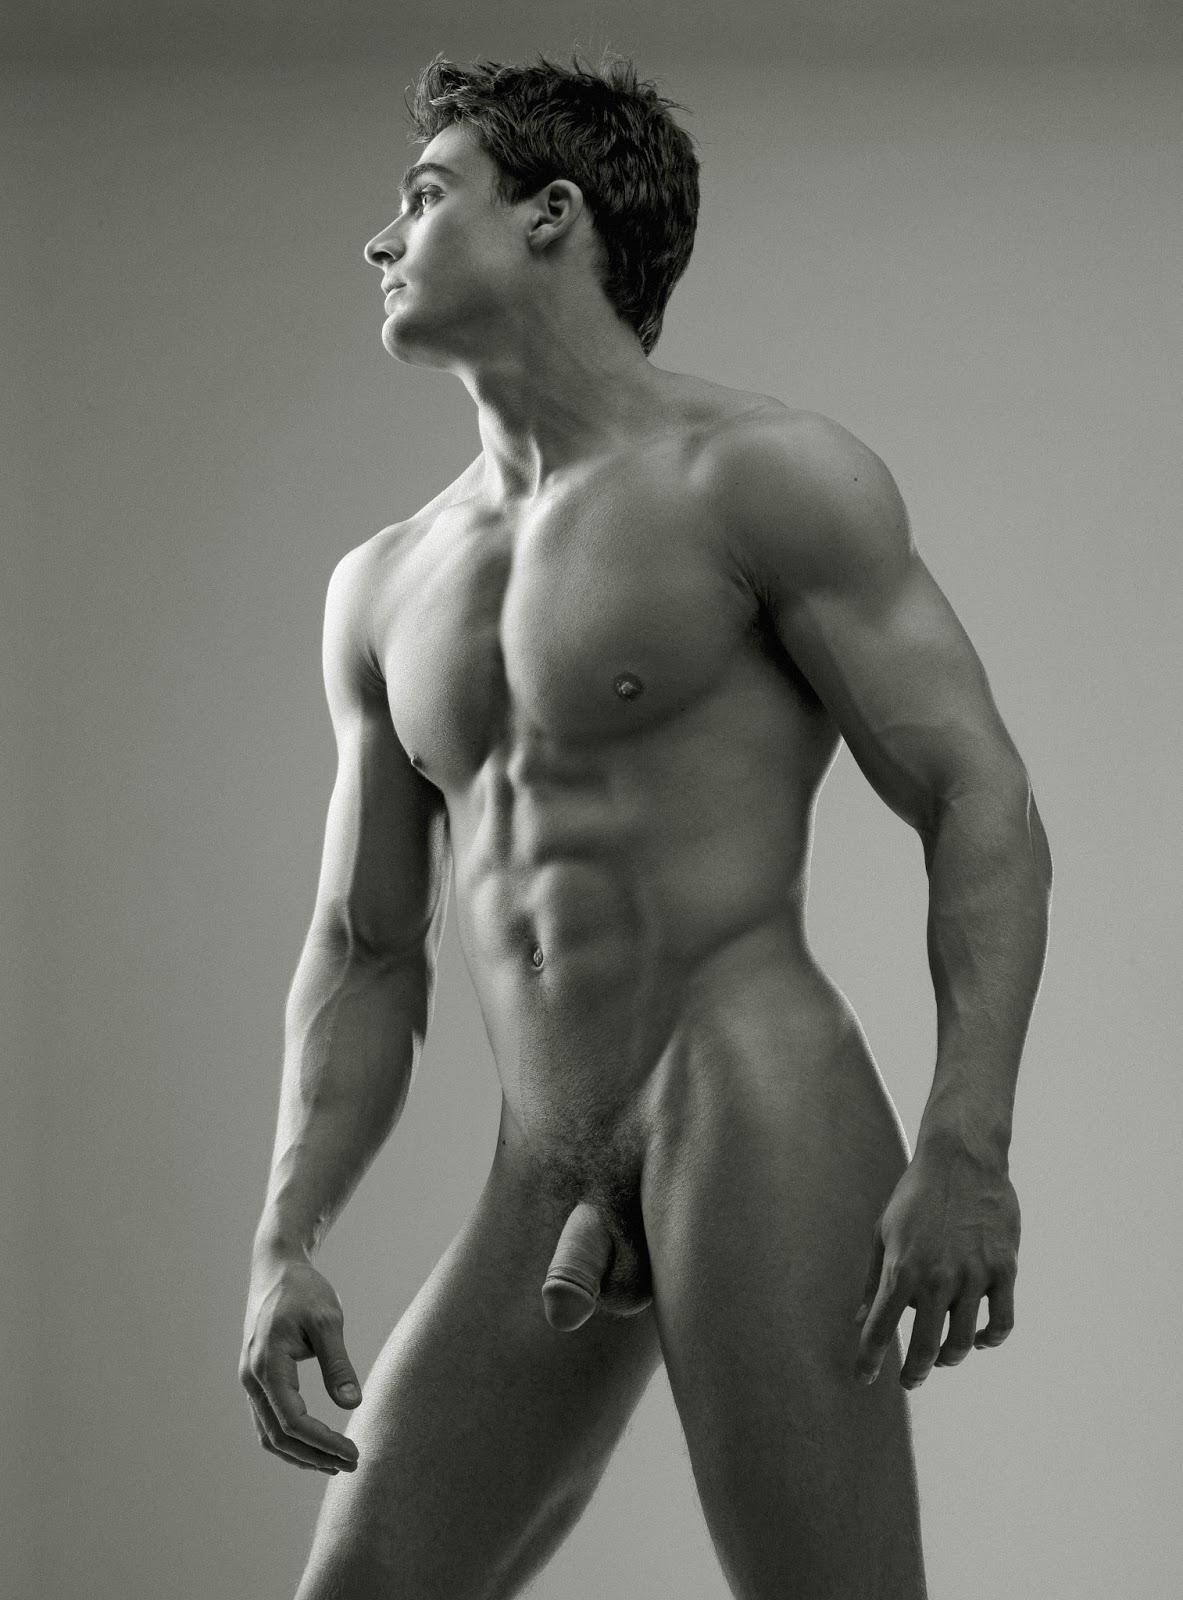 красивые картинки голых мужчин без всего собственно повествует сюжет